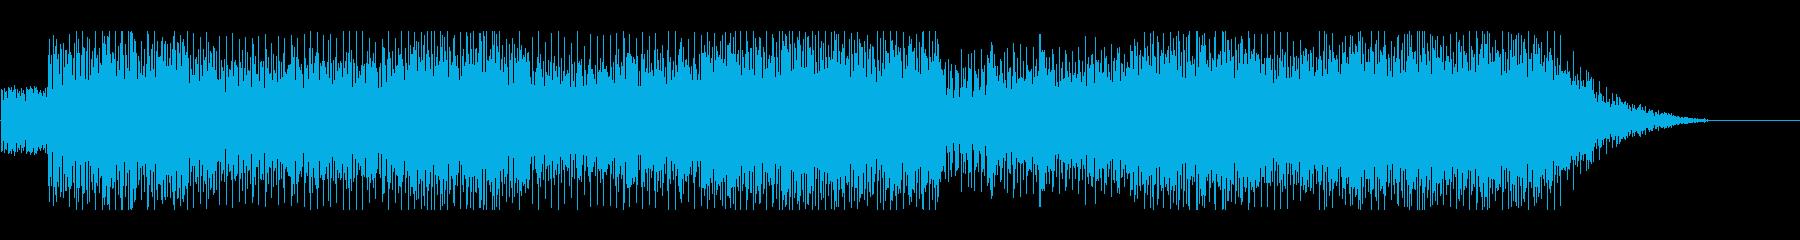 電子ポップの女性ボーカル。 198...の再生済みの波形